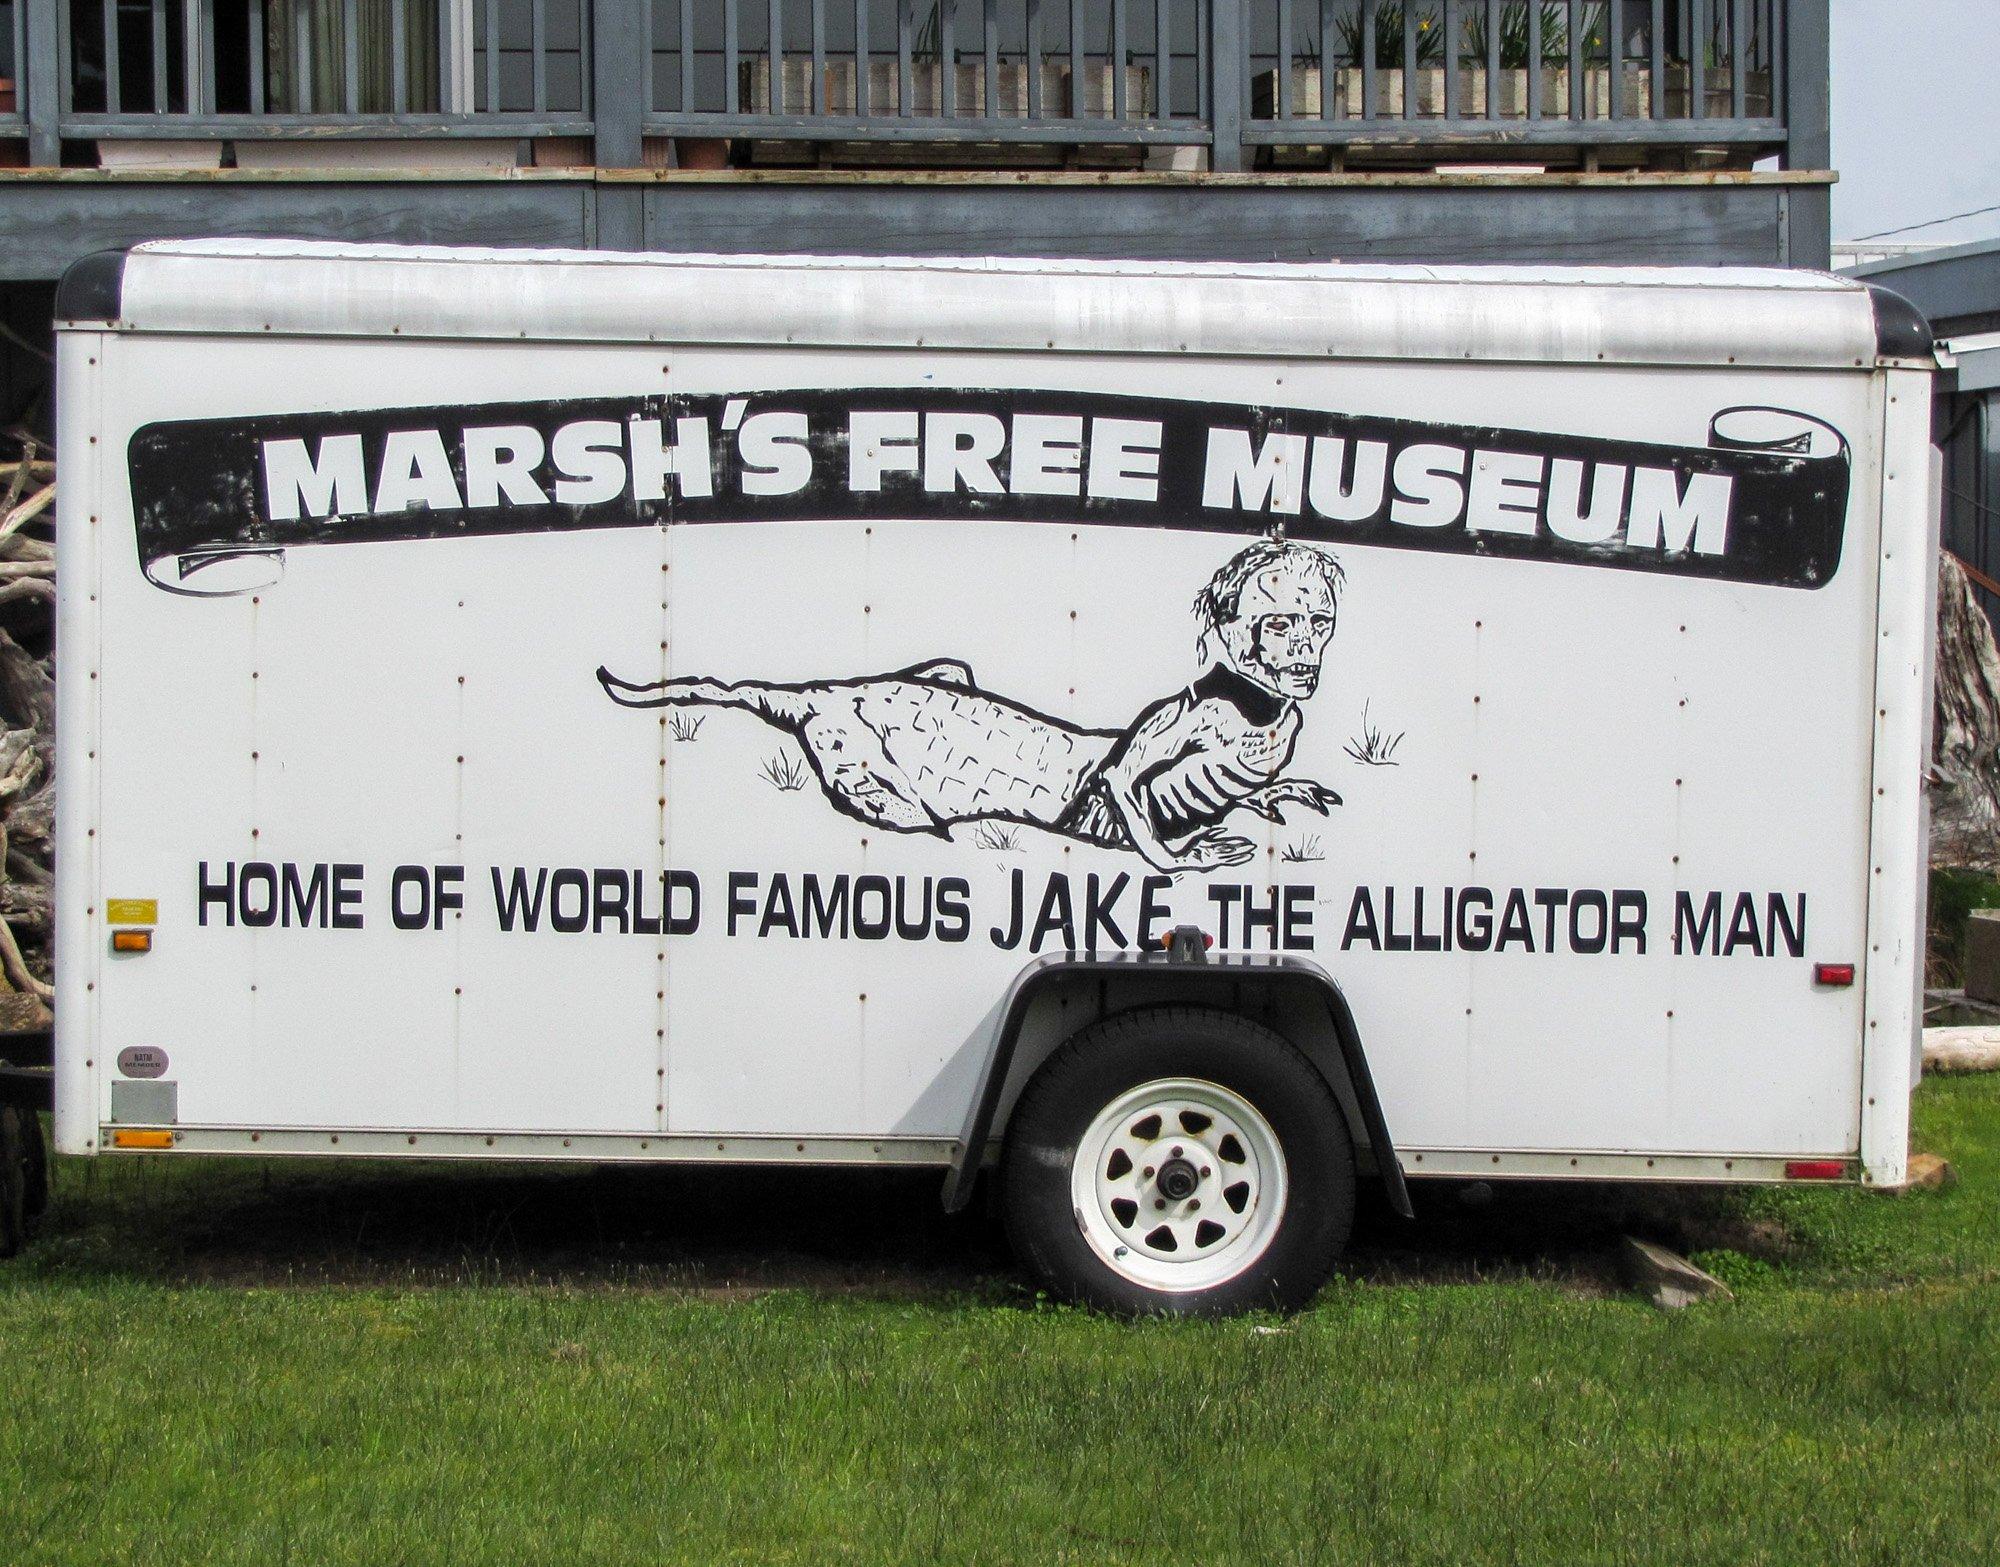 Marsh's Museum trailer